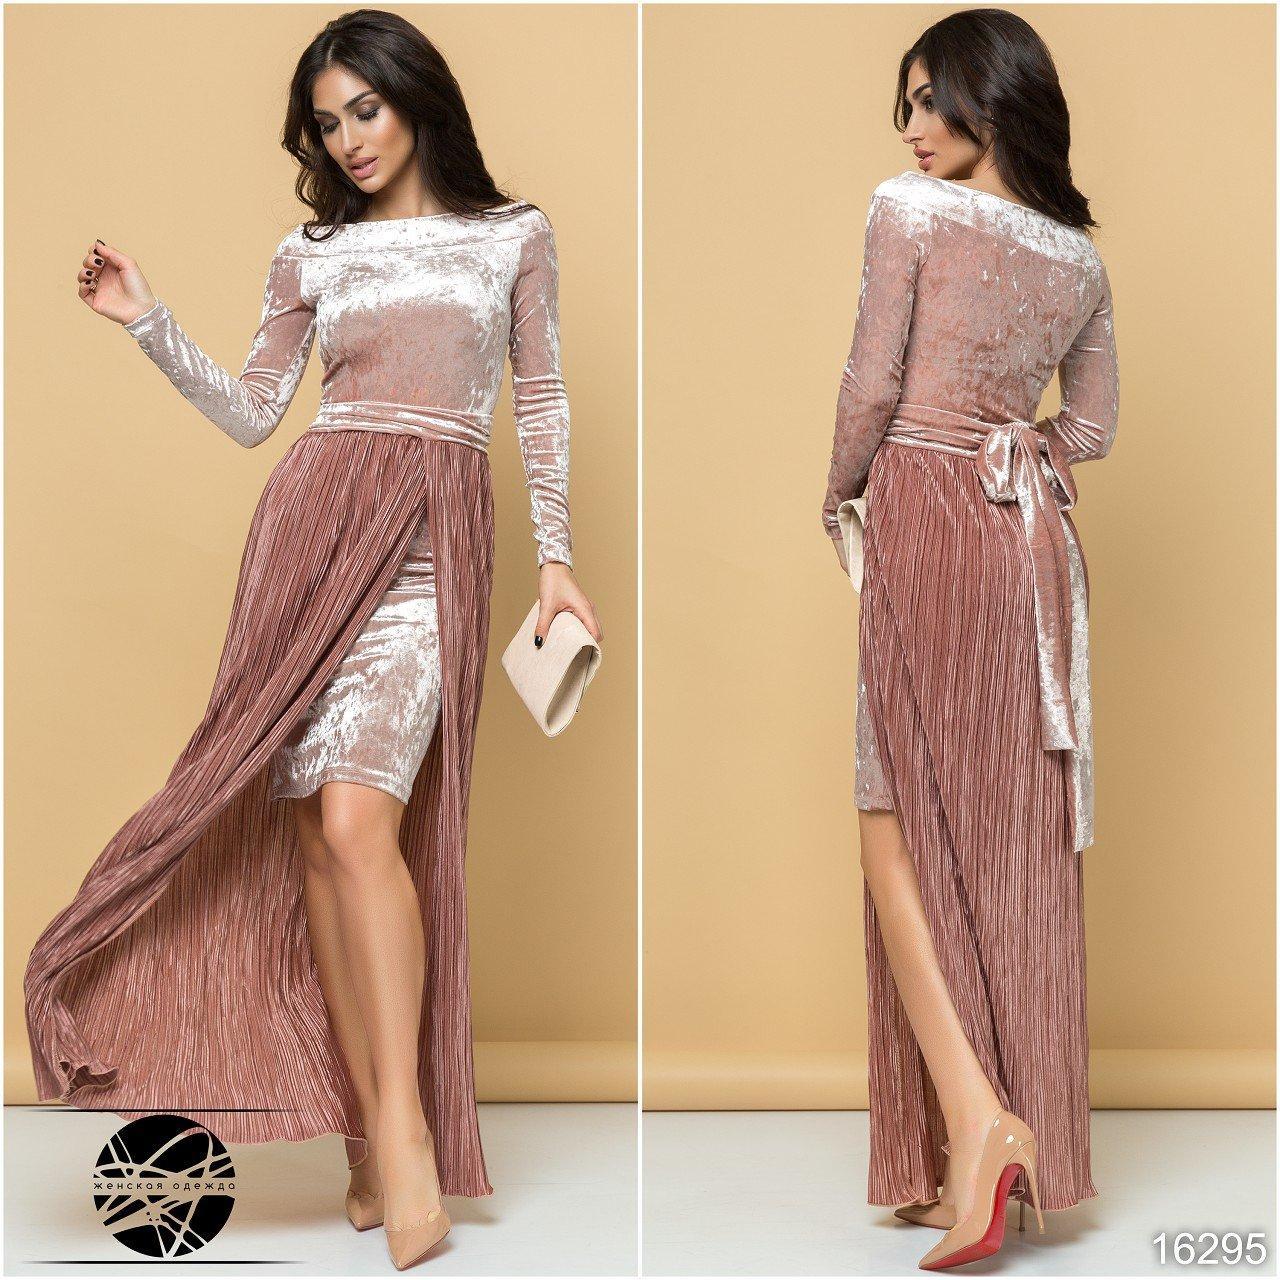 02518fa55e1 Вечернее бархатное платье розового цвета со съемной юбкой плиссе. Размеры 42 -48. Модель